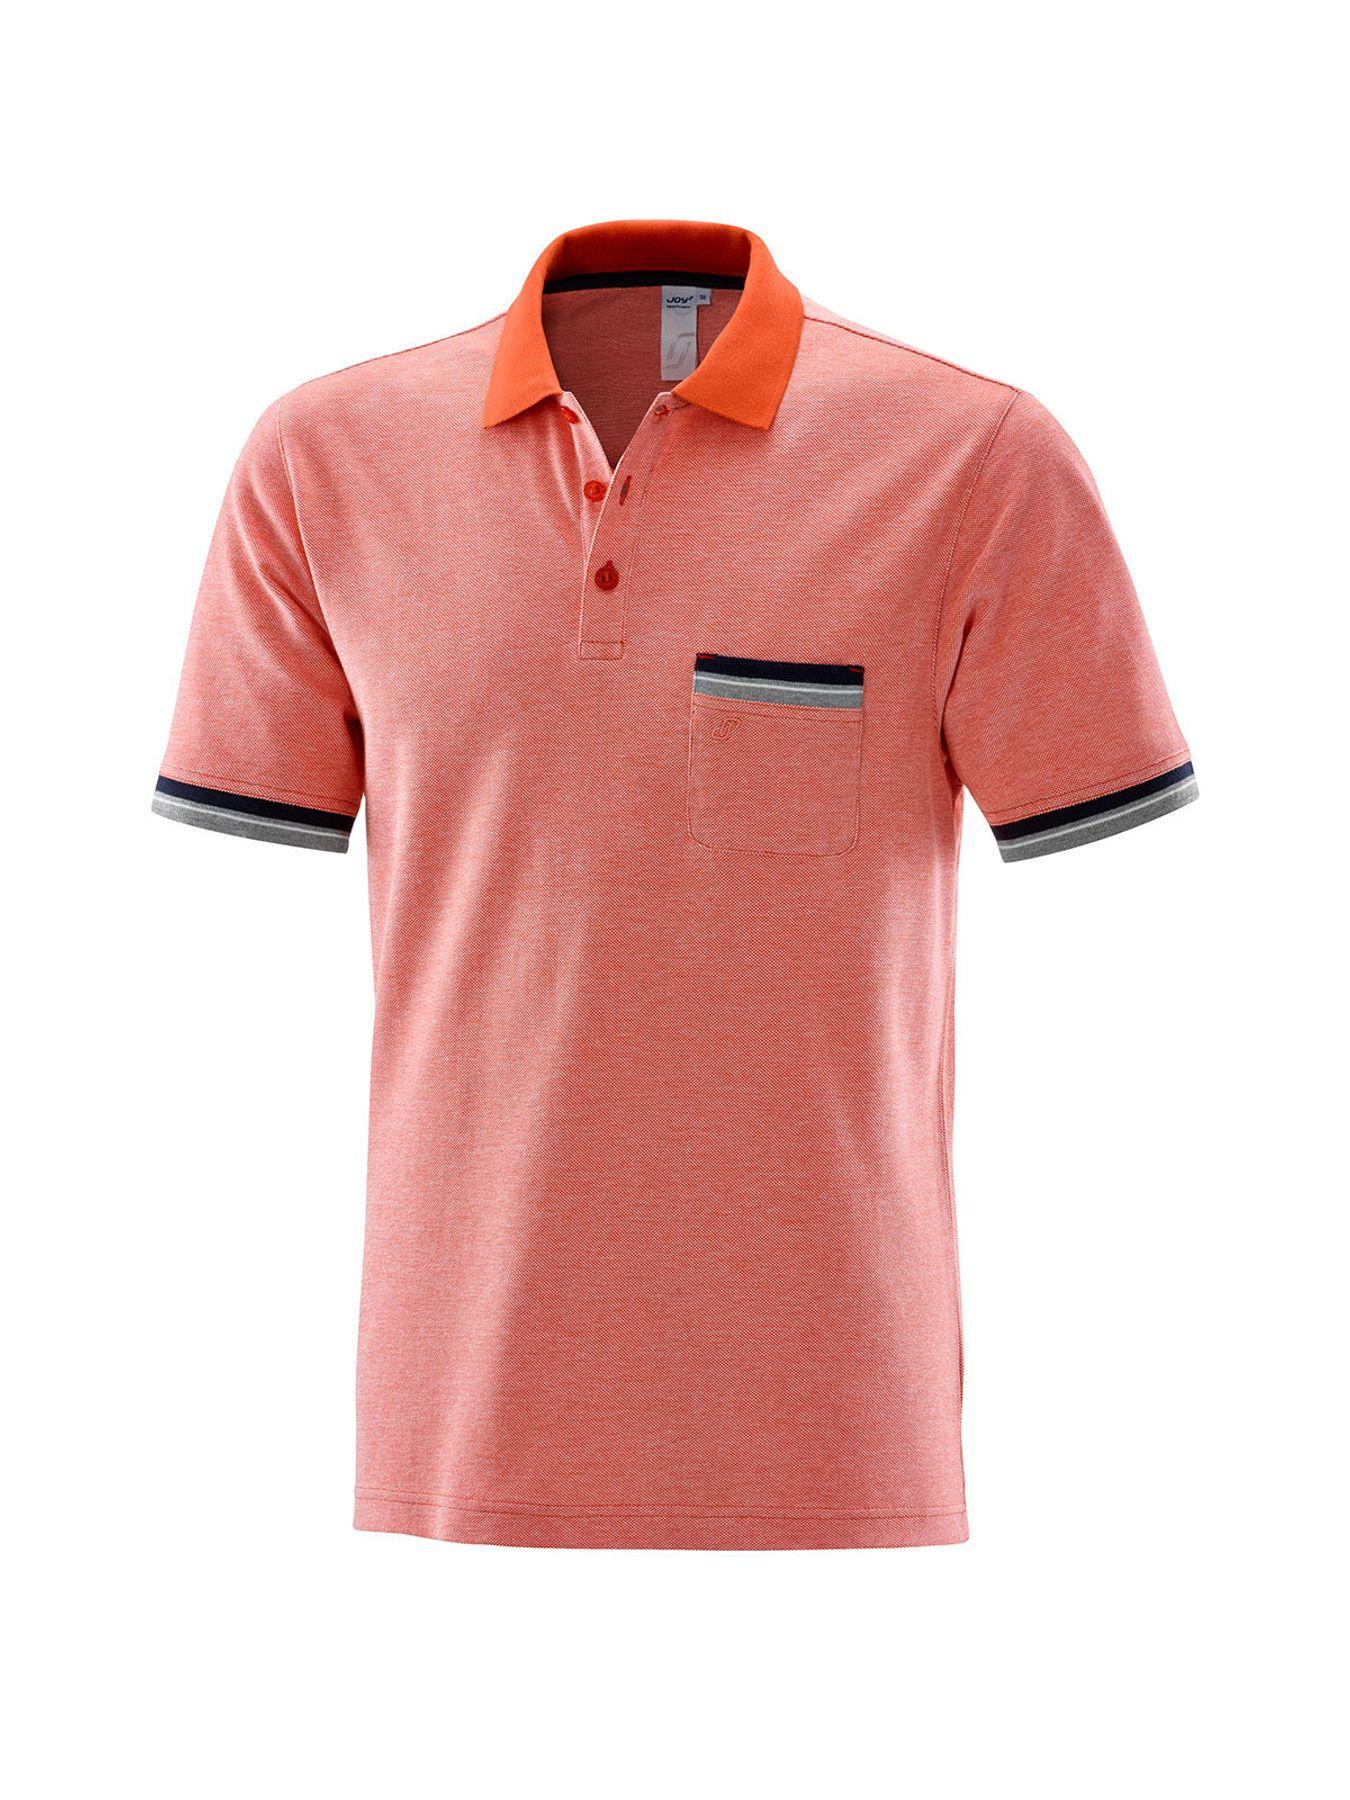 Joy - Herren Sport und Freizeit Poloshirt mit Brusttasche, Ingo (40191 A) – Bild 15